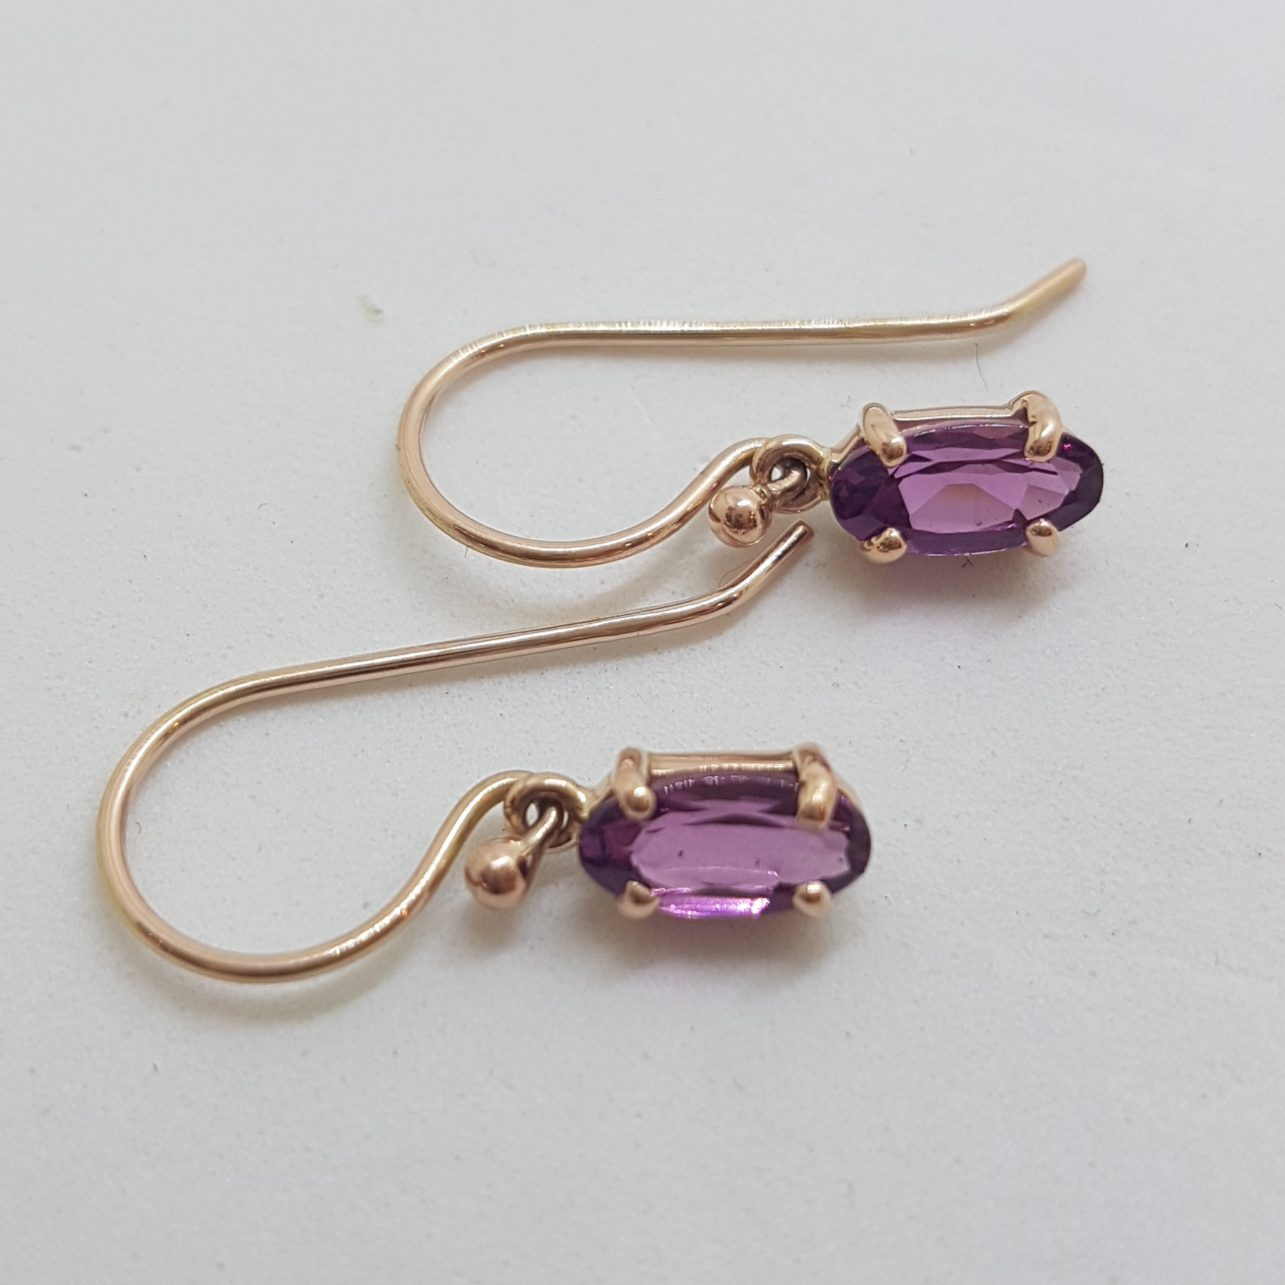 9ct Rose Gold Oval Claw Set Rhodolite Garnet Drop Earrings